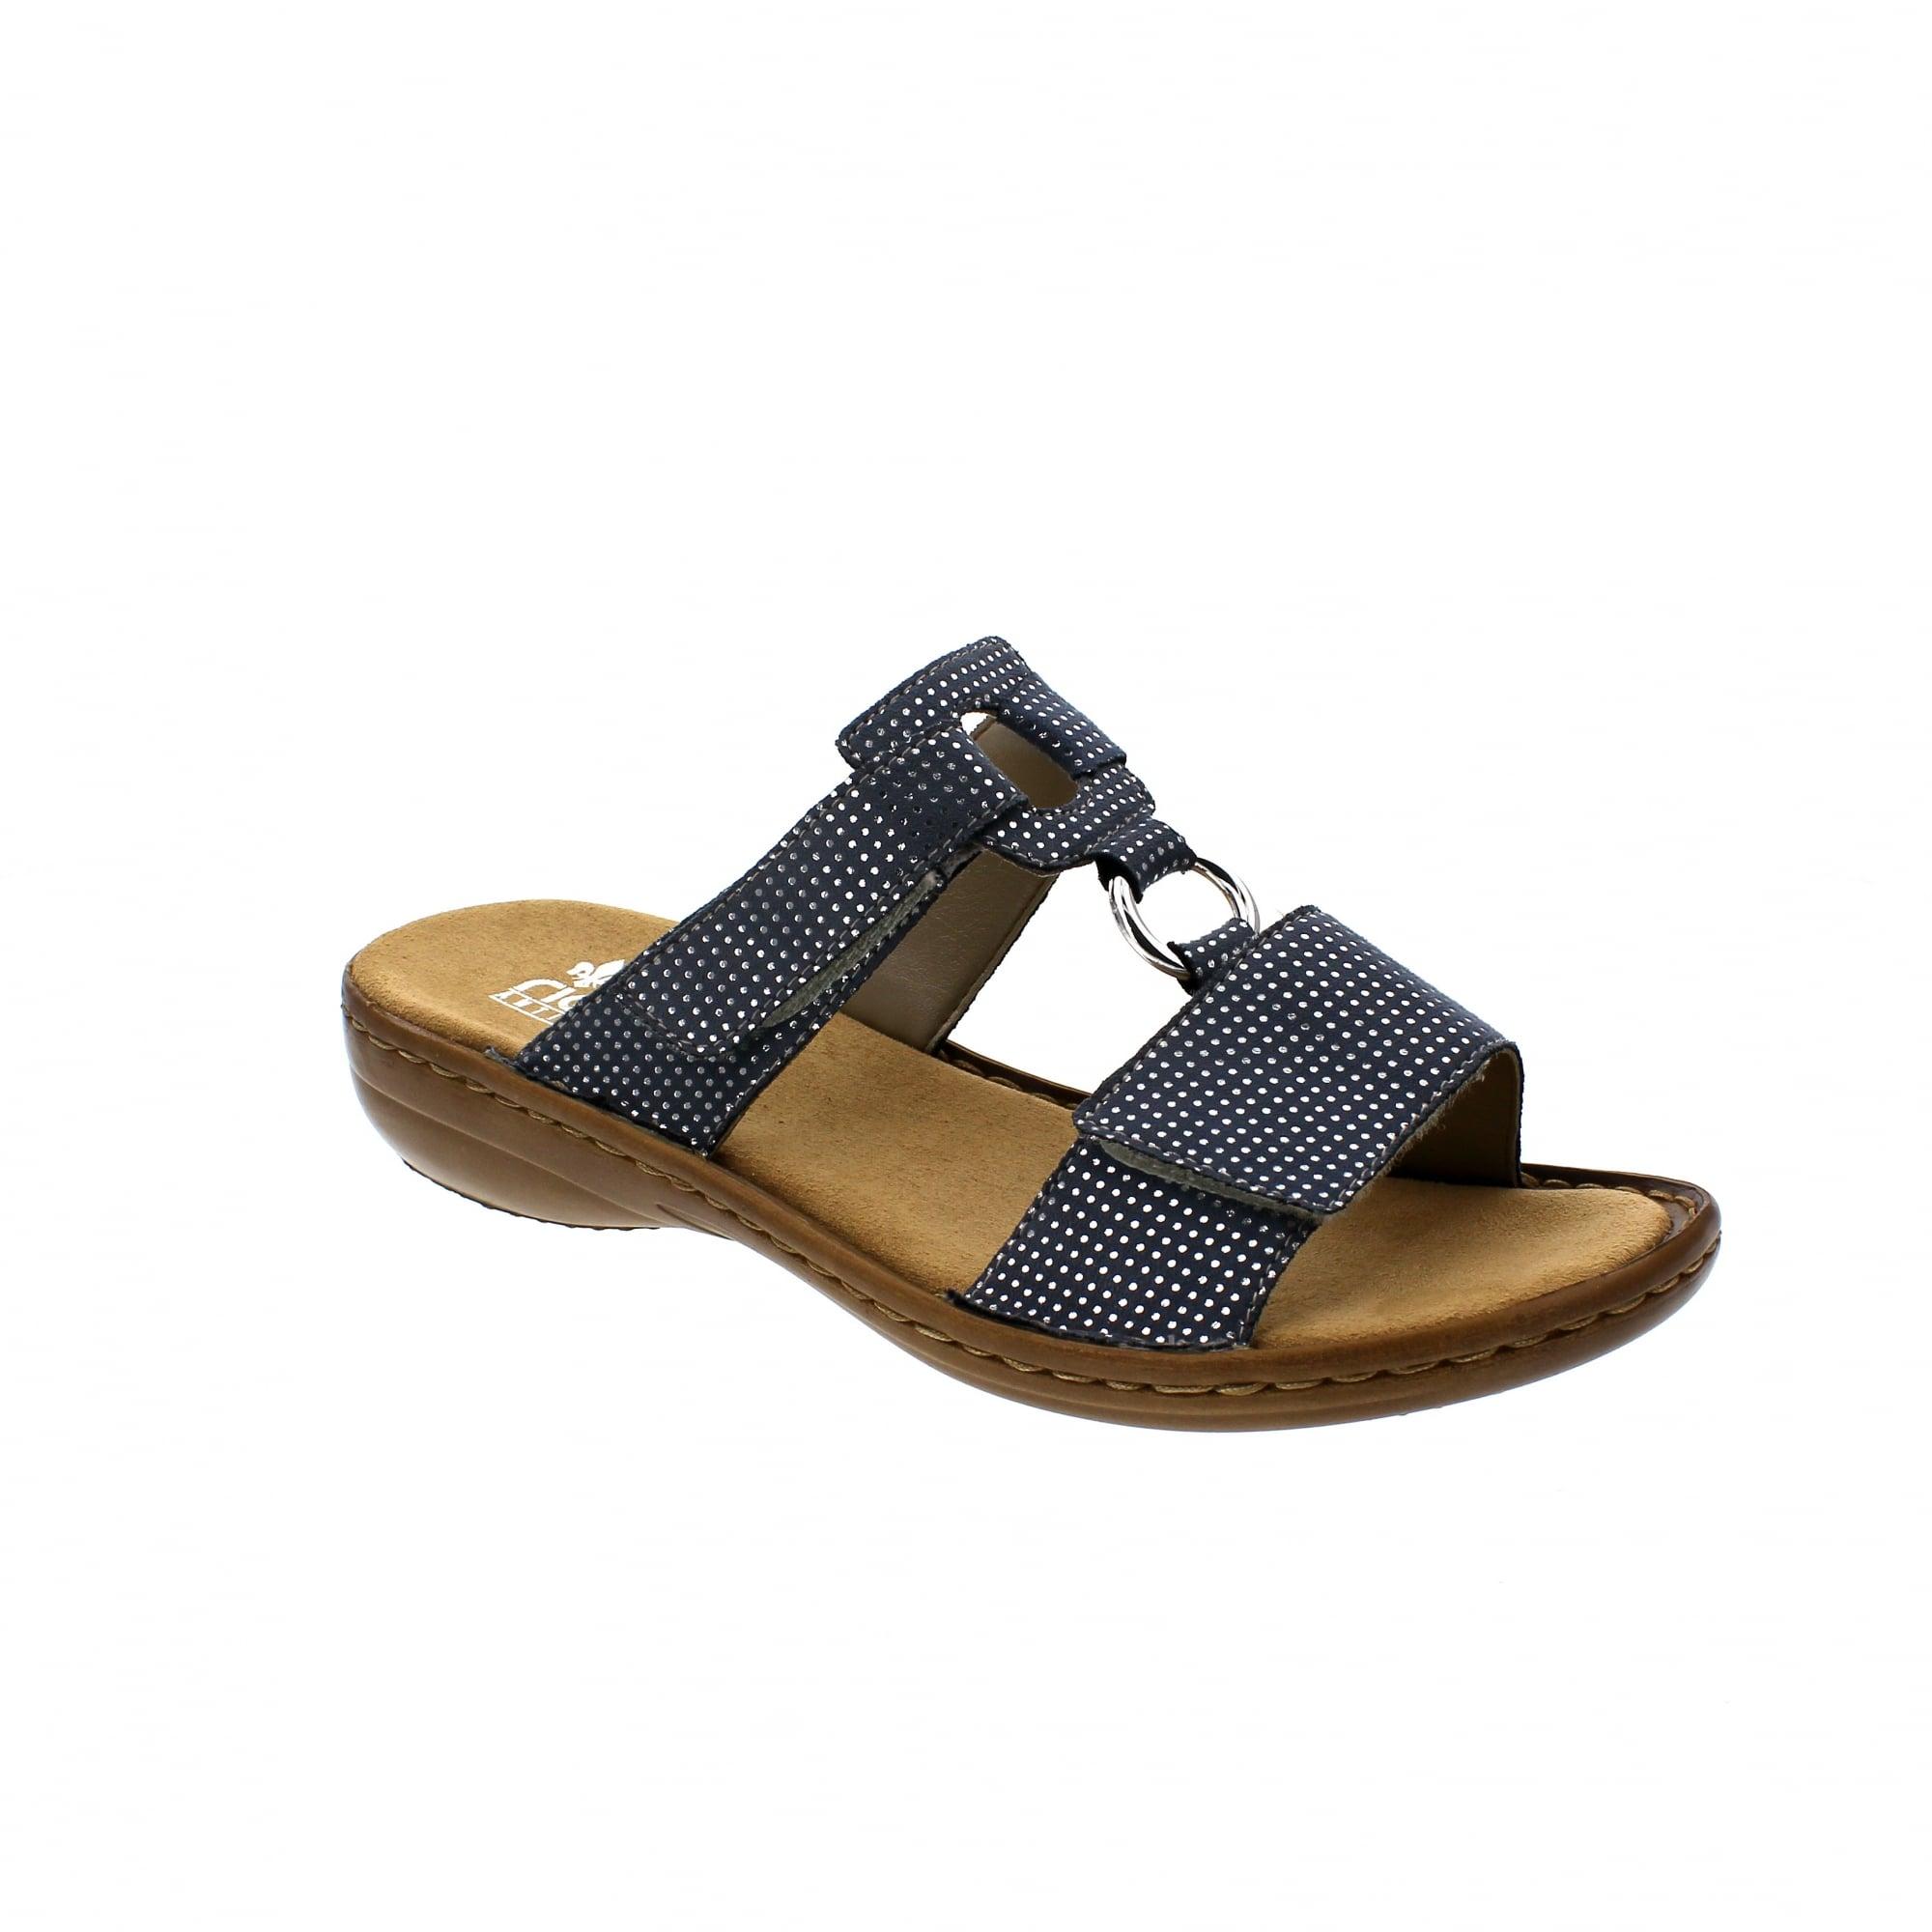 7e0f6c3e9a5 Rieker 608P9-12 Denim Silver Womens Mule Sandals